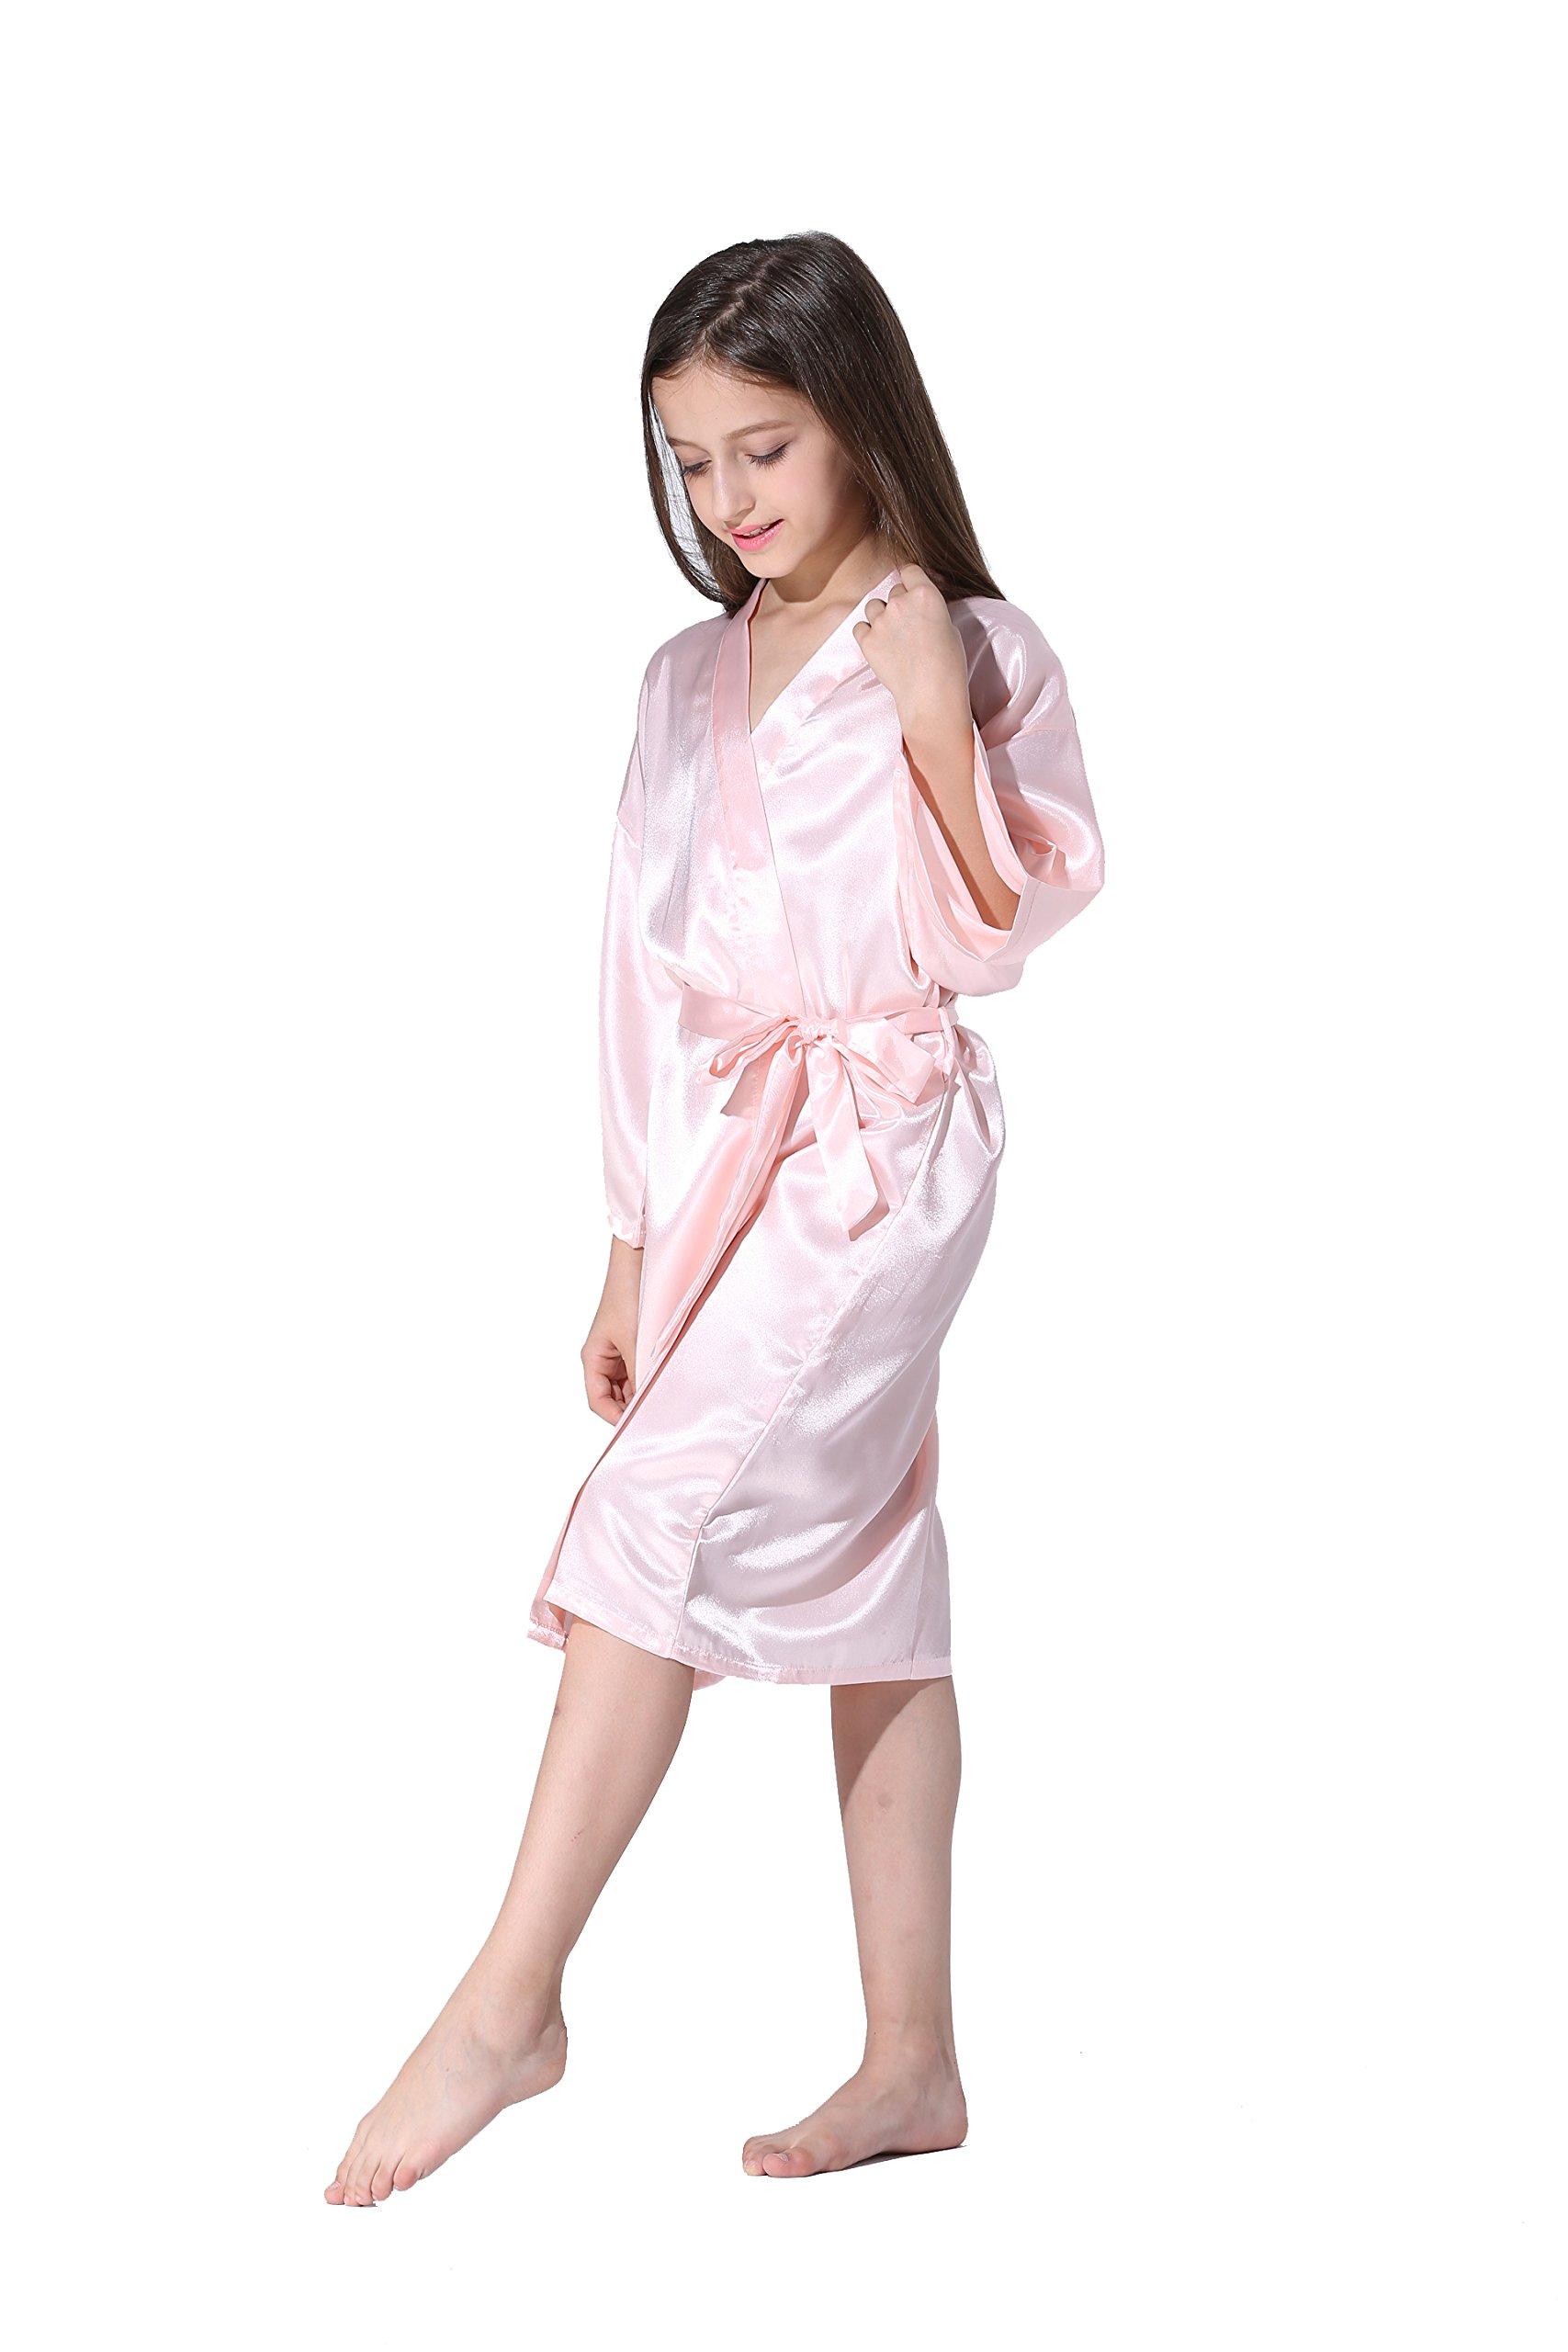 Vogue Forefront Girls  Satin Plain Kimono Robe Bathrobe Nightgown ... 02d62a222